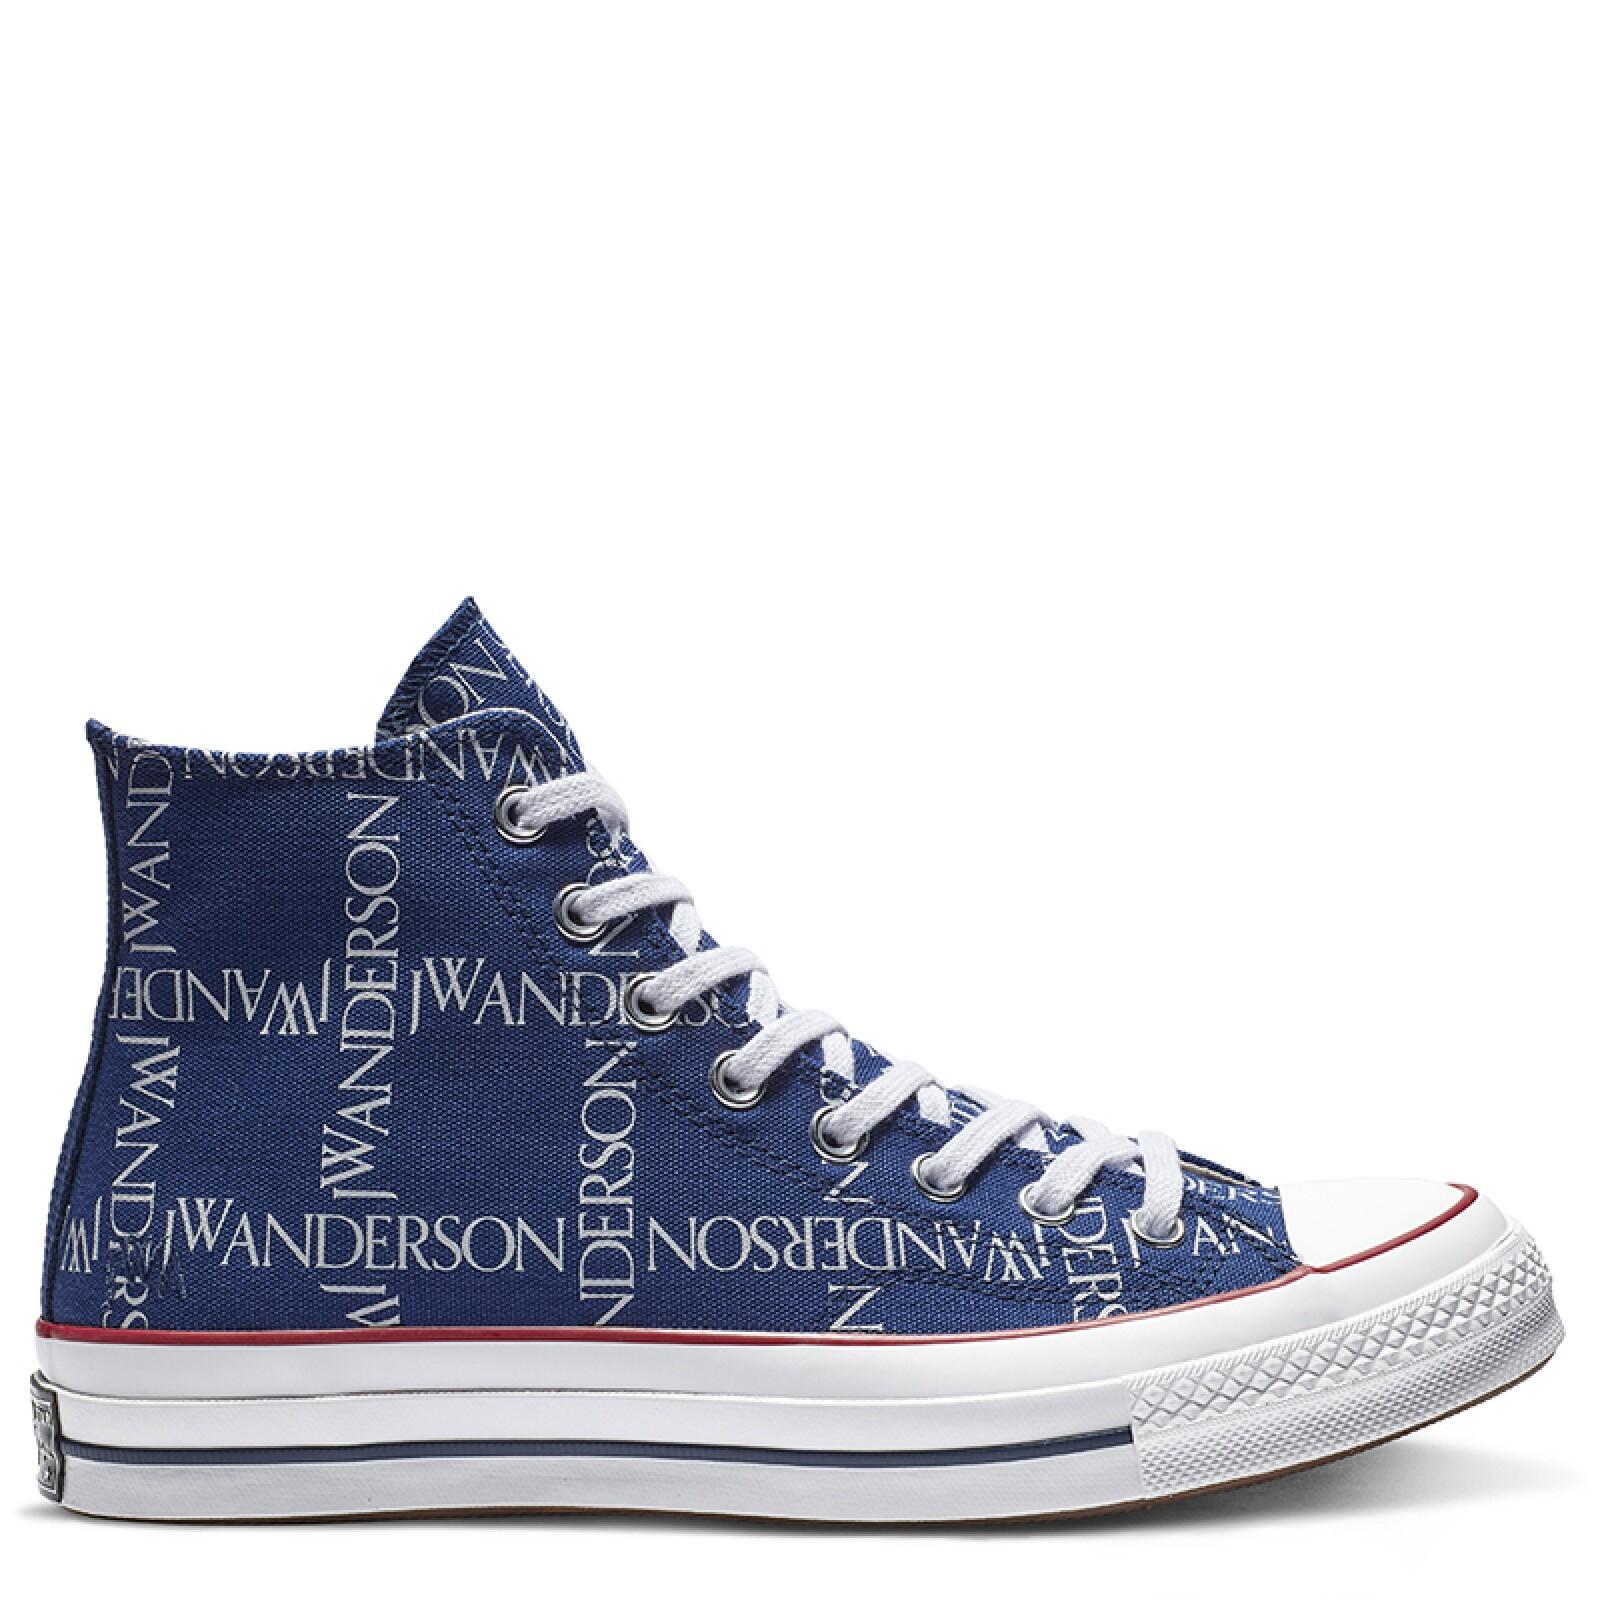 sneakers_4